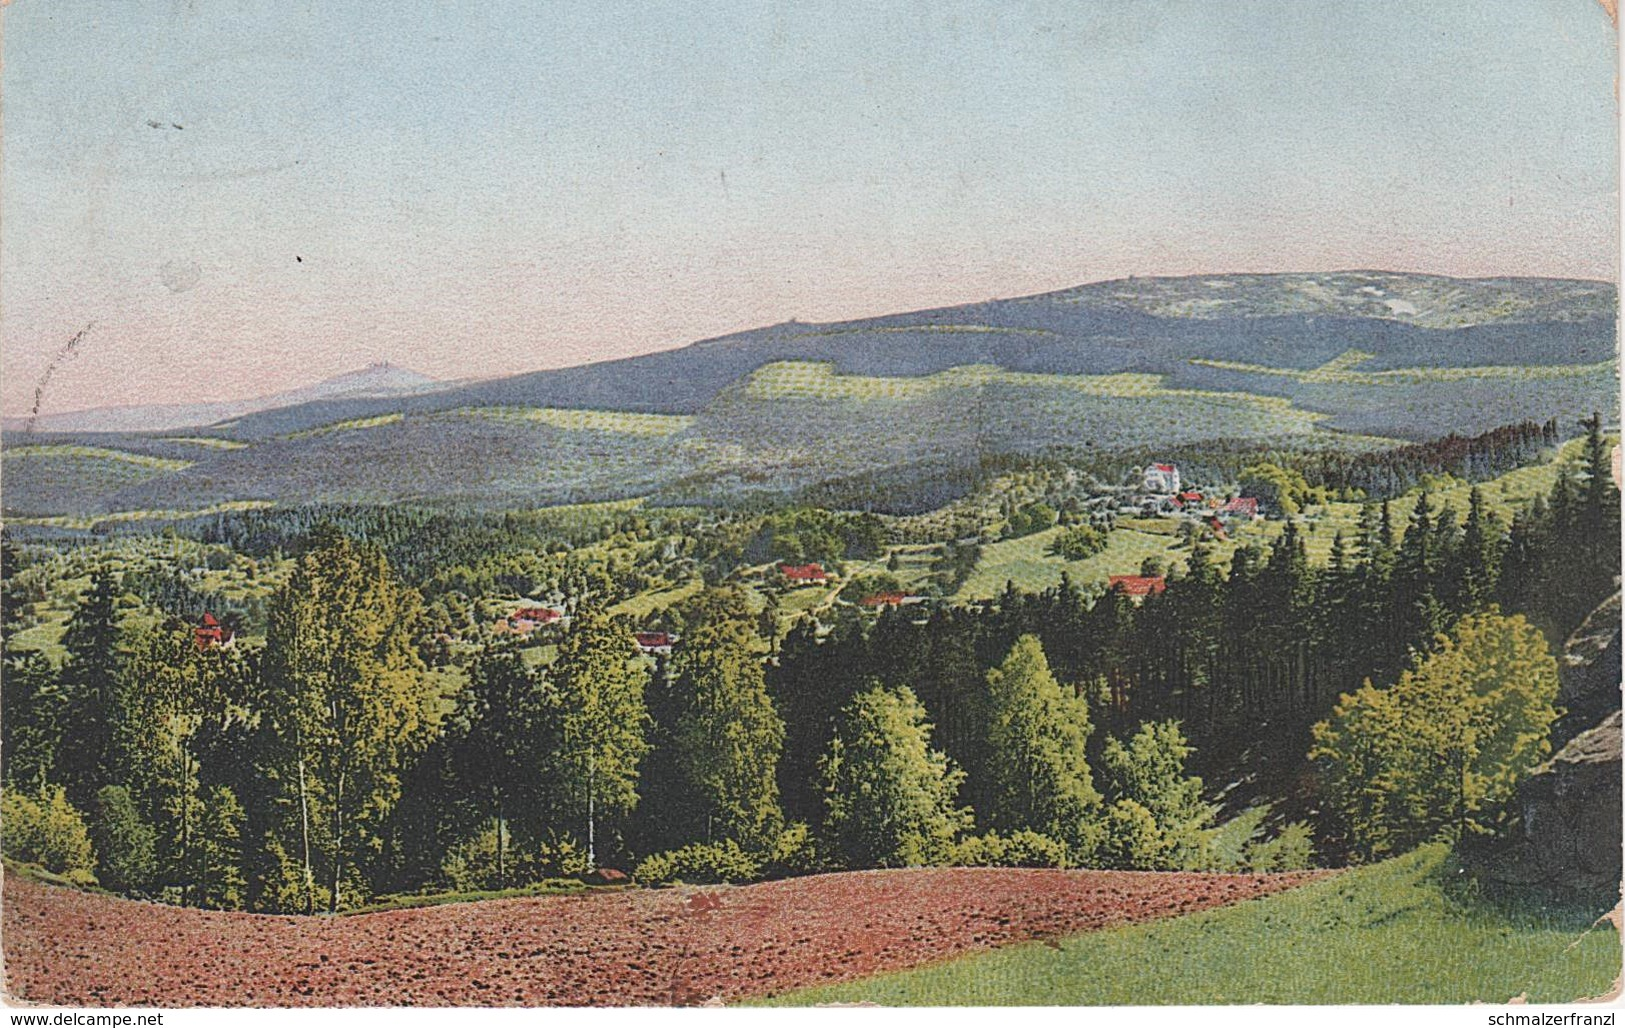 Photochromie AK Stimmungsbilder Riesengebirge Hain Przesieka A Giersdorf Podgorzyn Krummhübel Karpacz Saalberg Seidorf - Sudeten